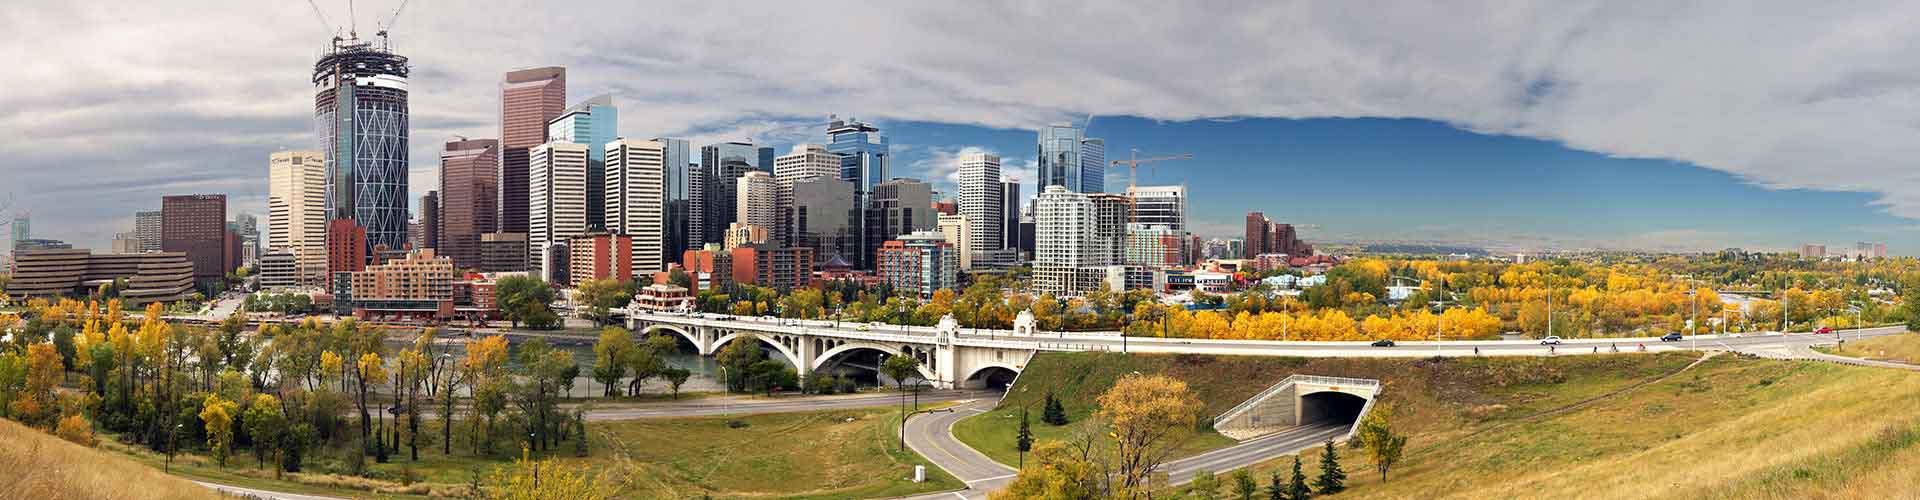 Calgary – Retkeily kaupungiosassa Itäkeskusta. Calgary -karttoja, valokuvia ja arvosteluja kaikista Calgary -retkeilyalueista.